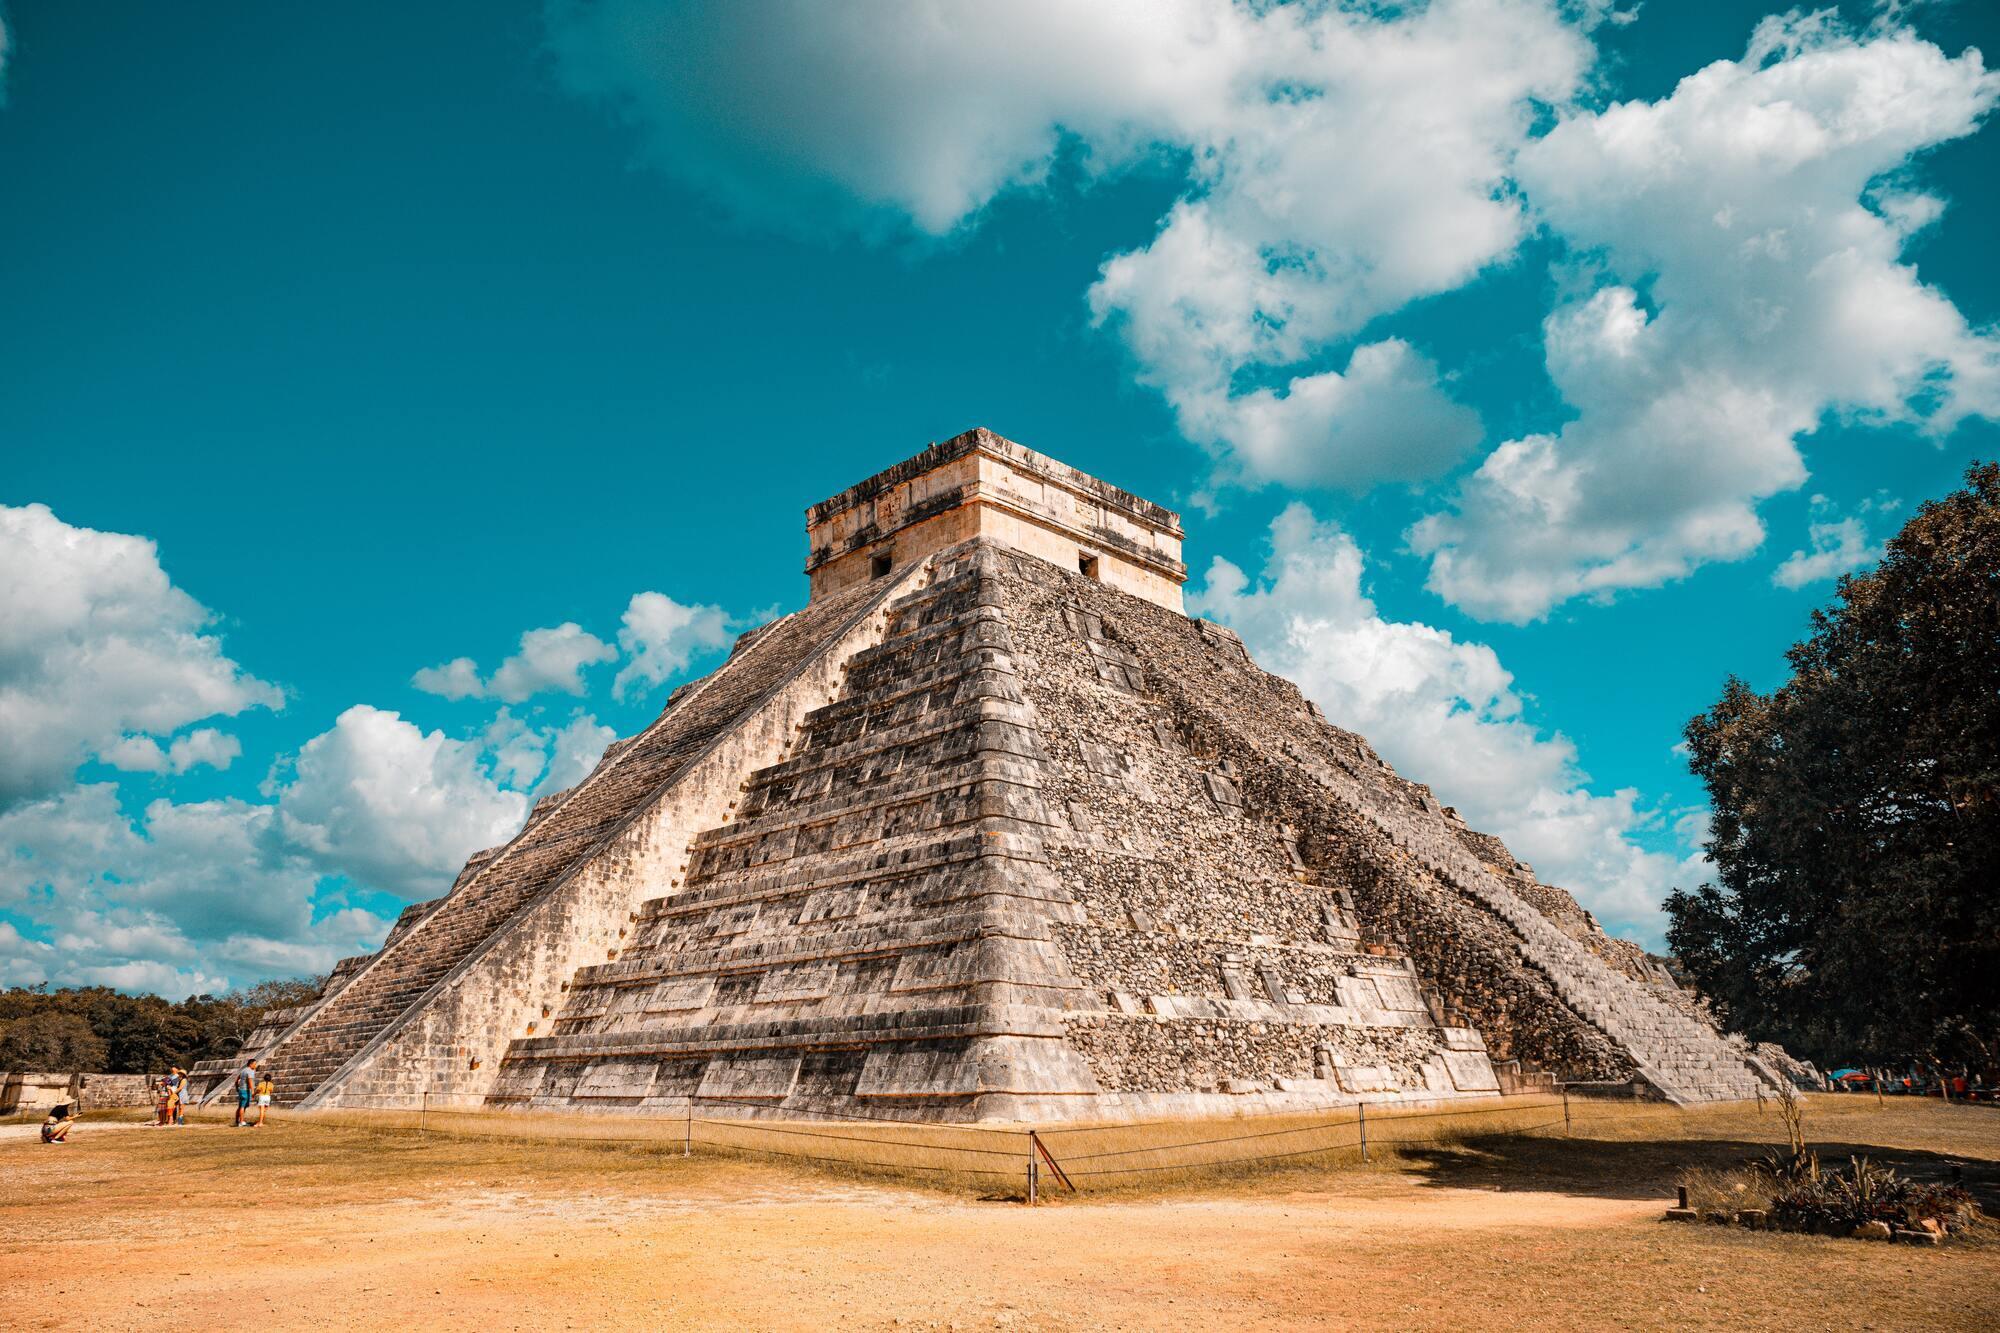 У Мексику дозволено в'їзд без обмежень, проте багато пам'яток історії закриті для туристів через пандемію.